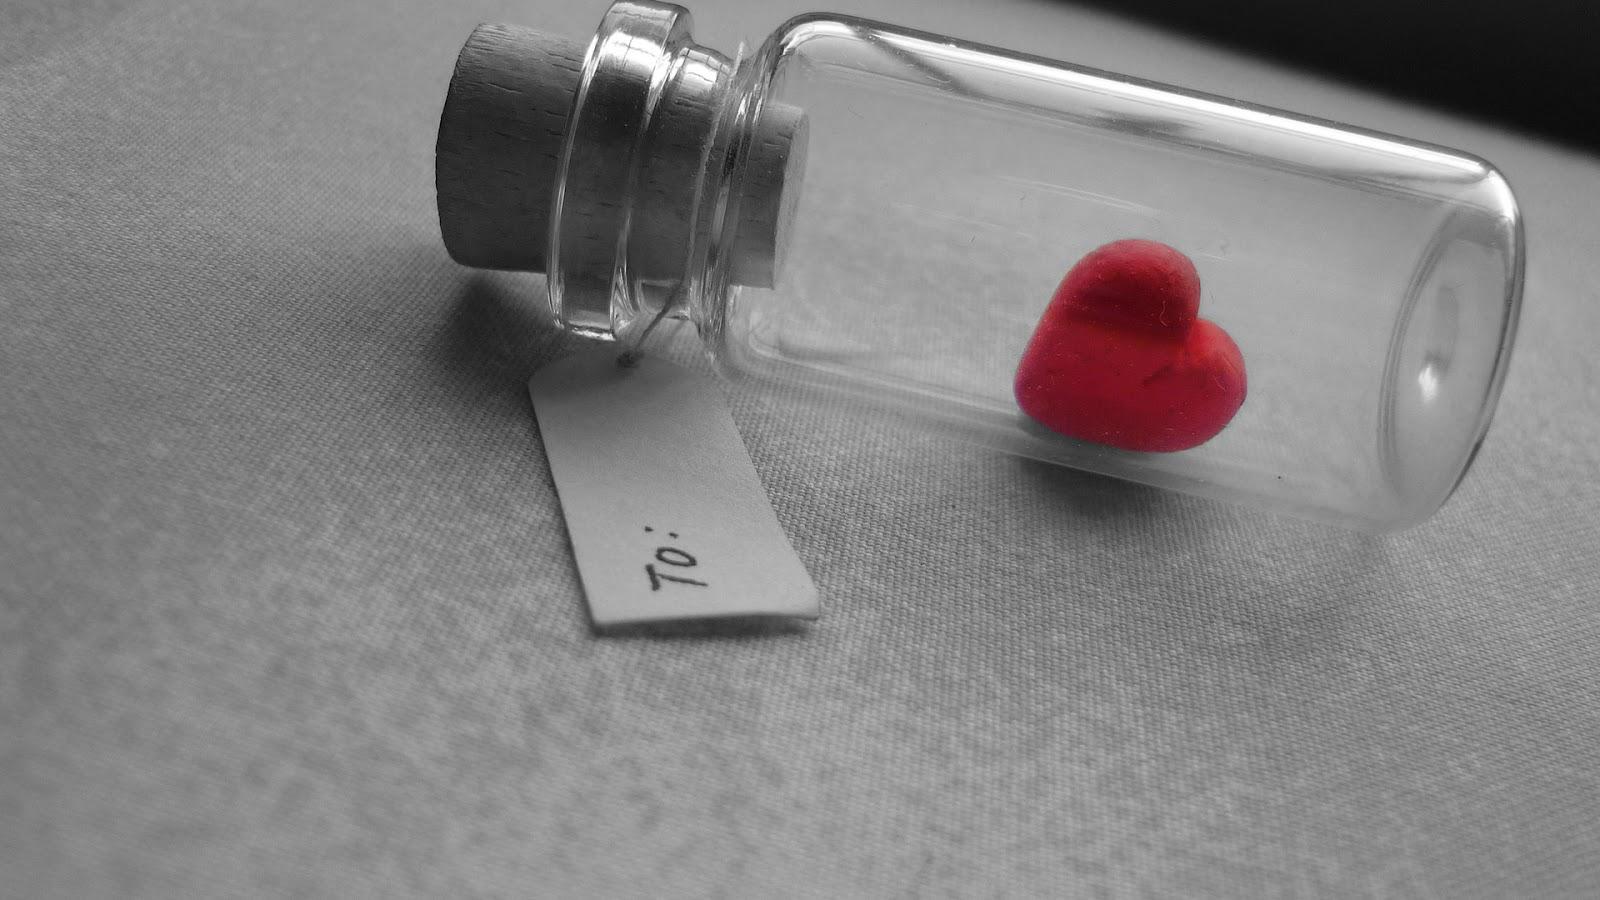 http://3.bp.blogspot.com/-4PSLRvsTtjM/UDTKdumcHwI/AAAAAAAACec/blqUF5D3oNg/s1600/bottled-red-heart-1080p-hd-wallpaper.jpg